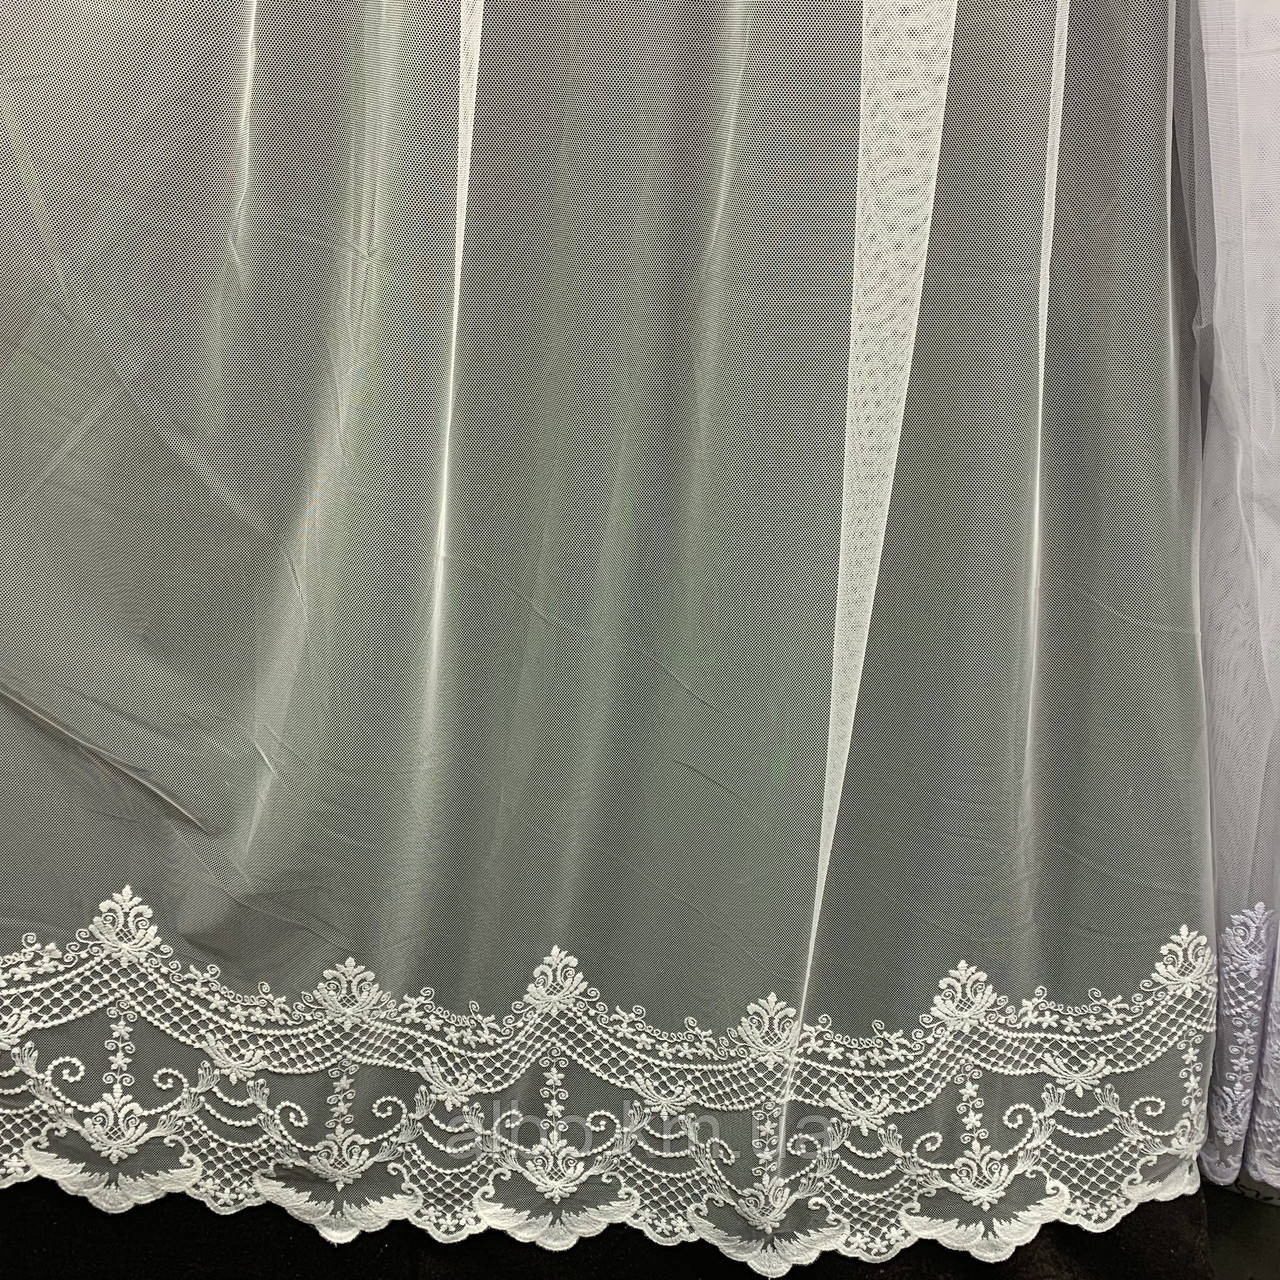 Элегантный кремовый тюль из фатина с декоративной вышивкой внизу на метраж, высота 3 м